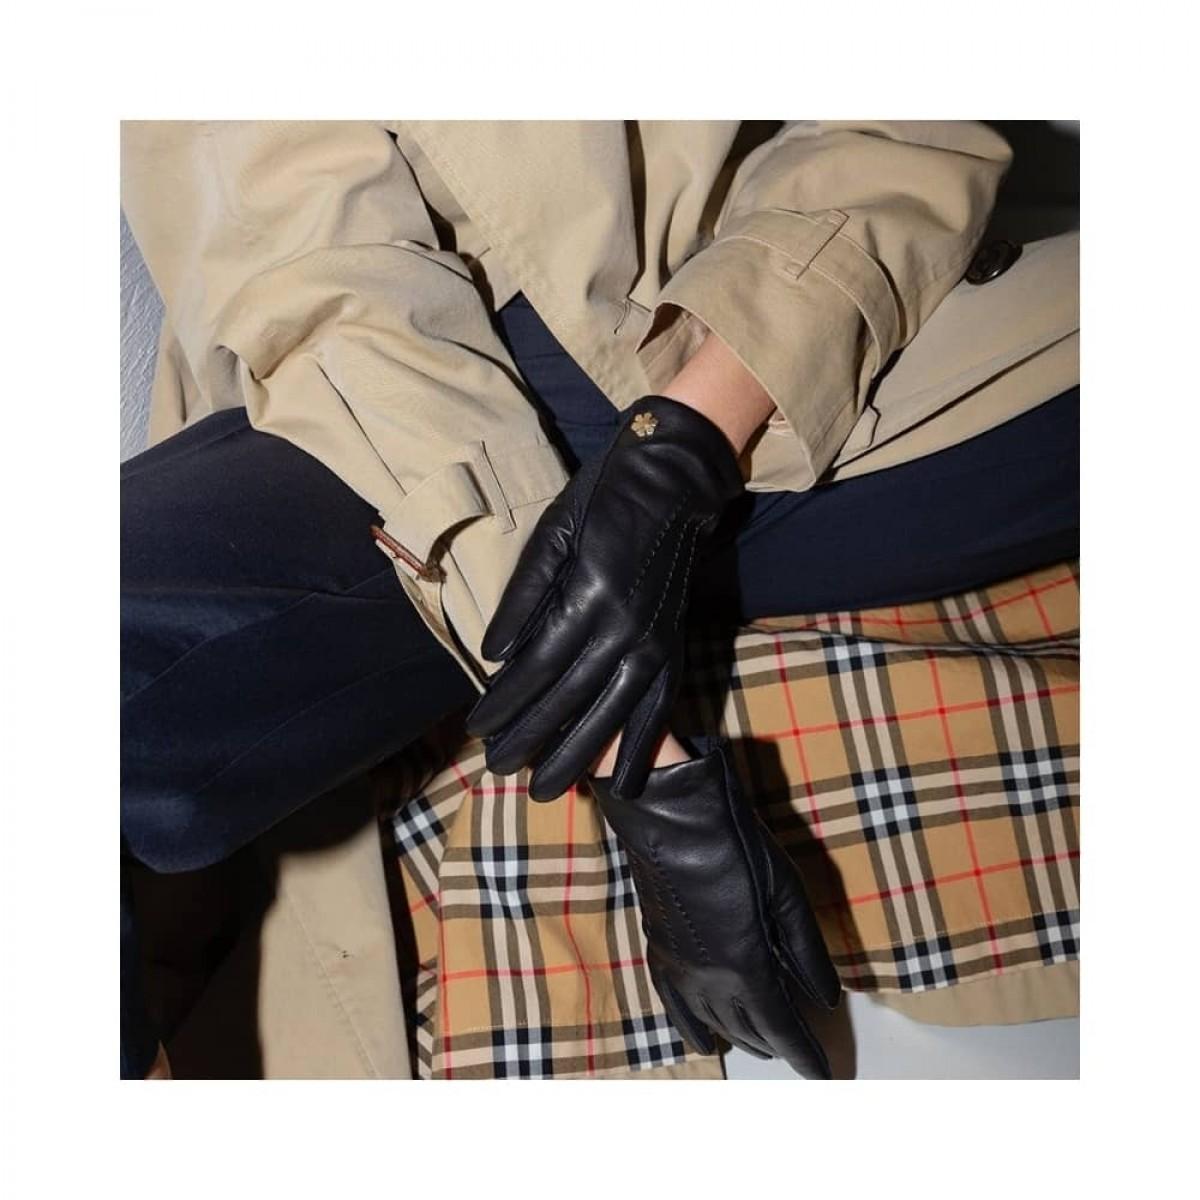 cordelia handske - black - siddende model